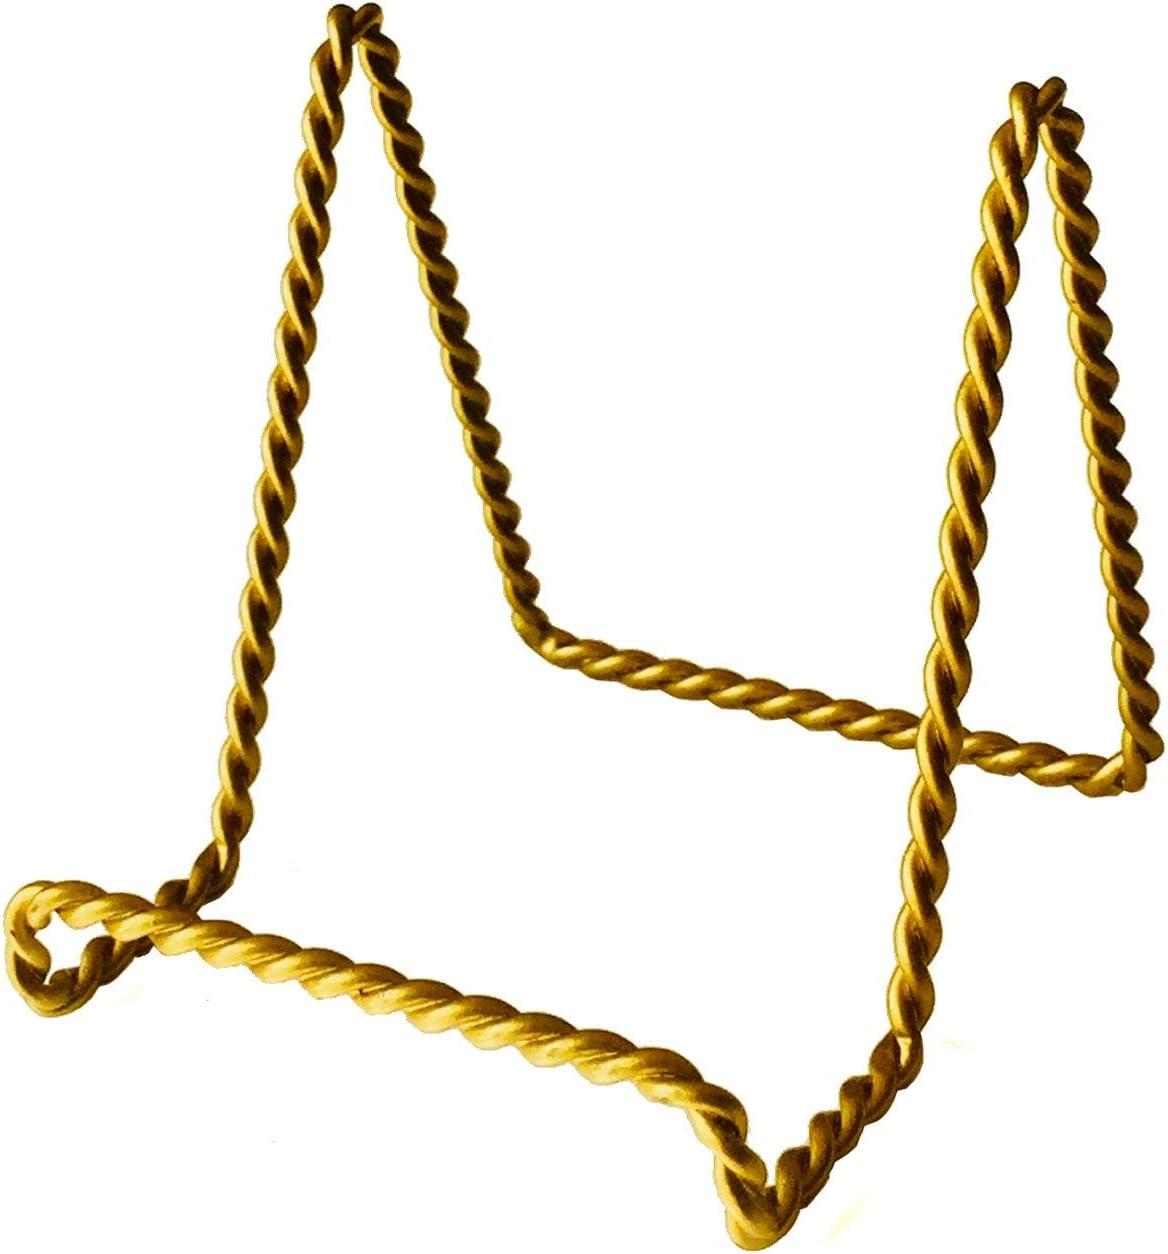 Staffelei Moments Staffeleist/änder geflochten 7,6 x 7,6 cm 12 St/ück Satin-Gold-Finish